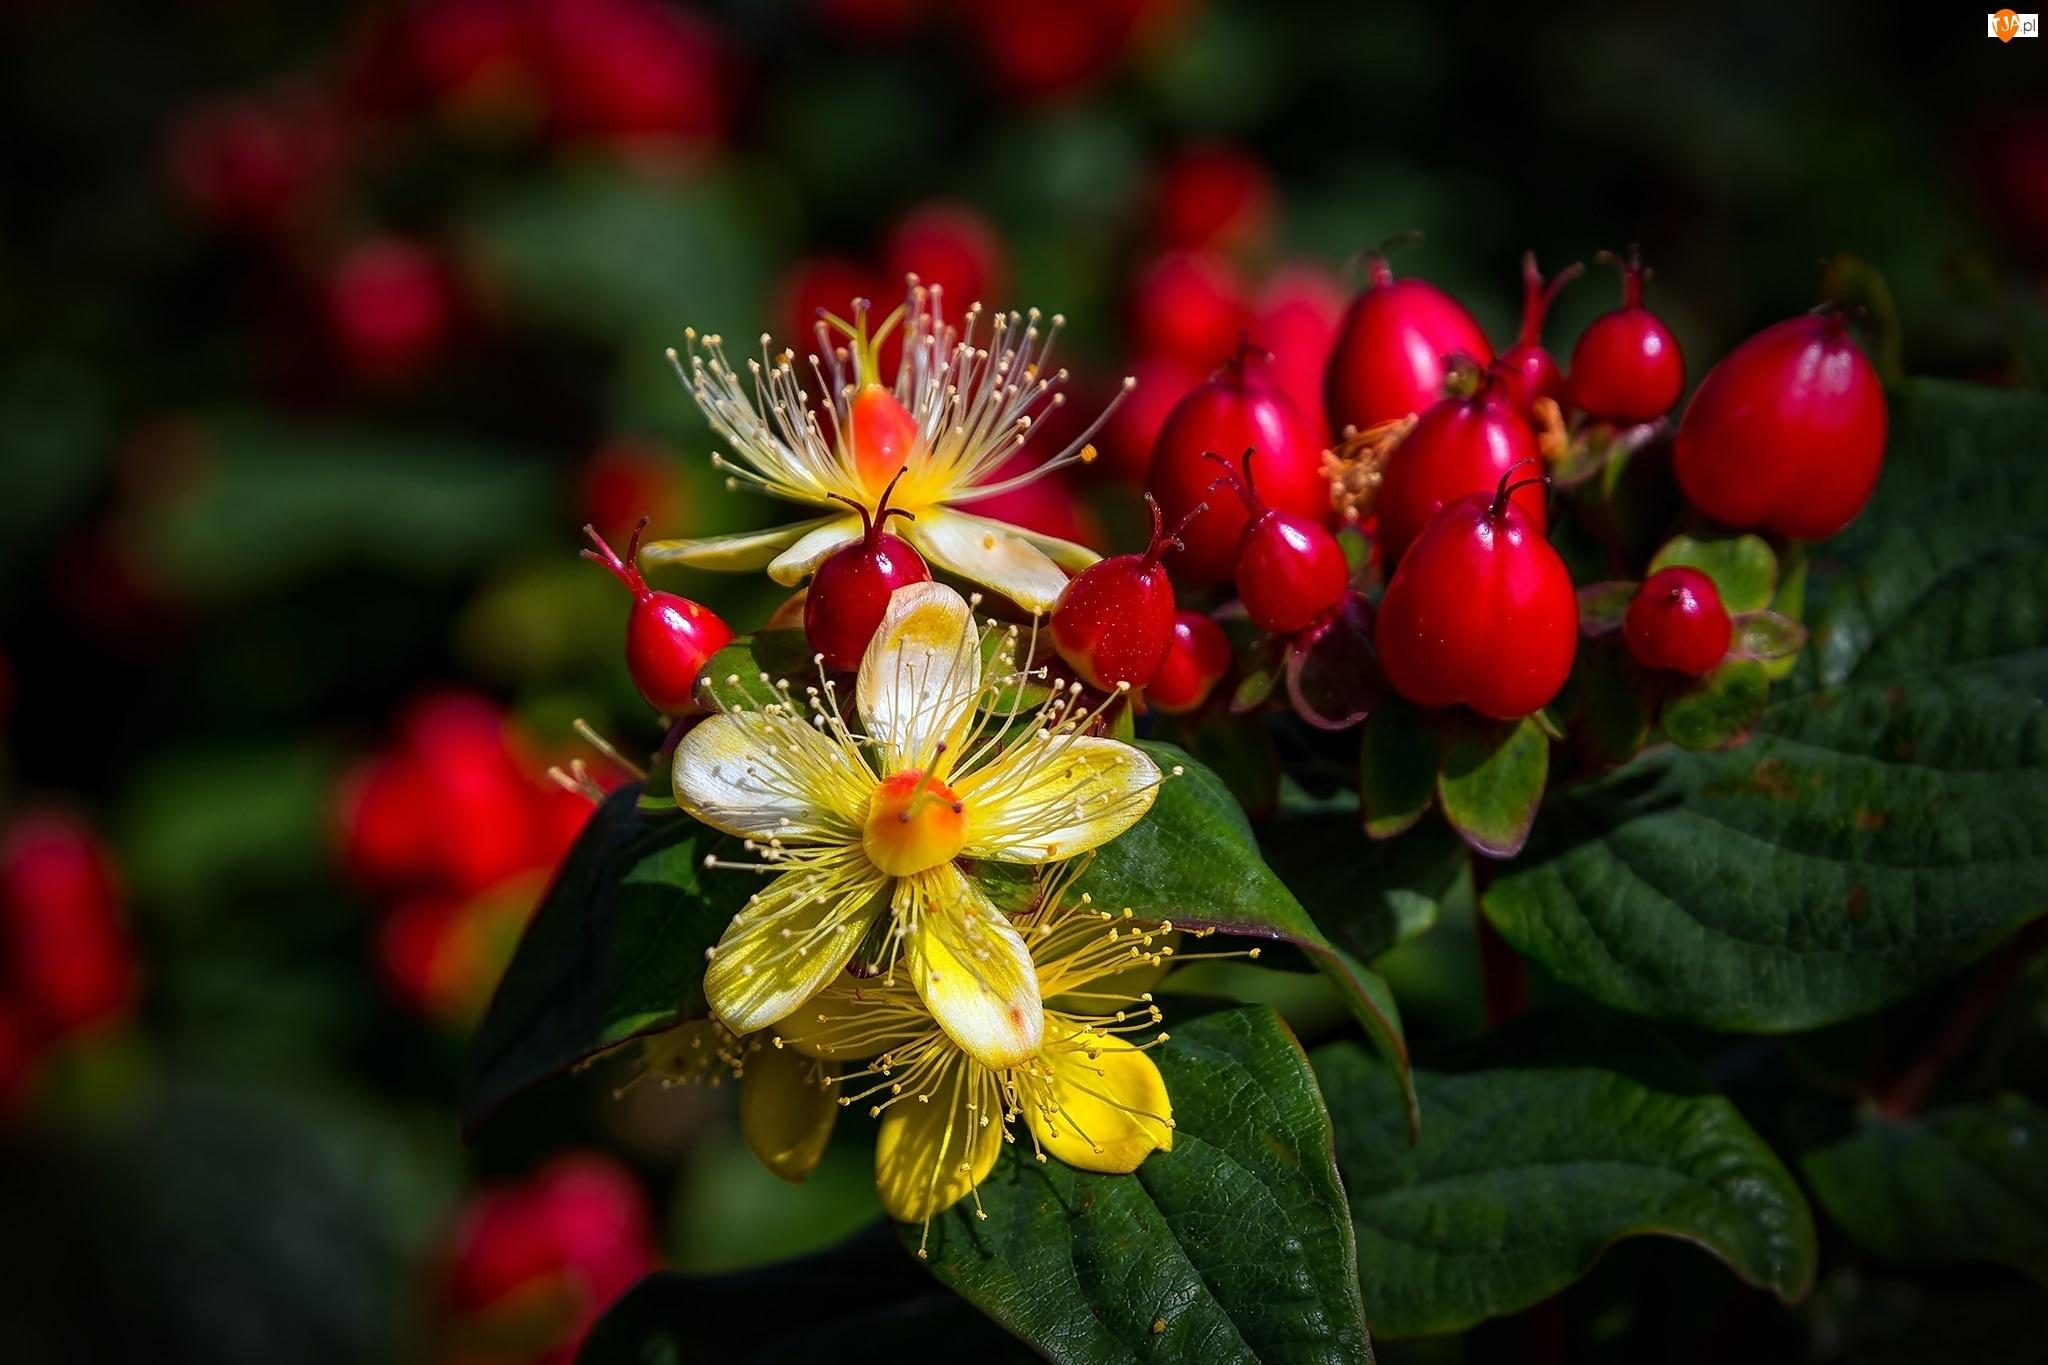 Dziurawiec Bezwonny, Roślina, Kwiaty, Jagody